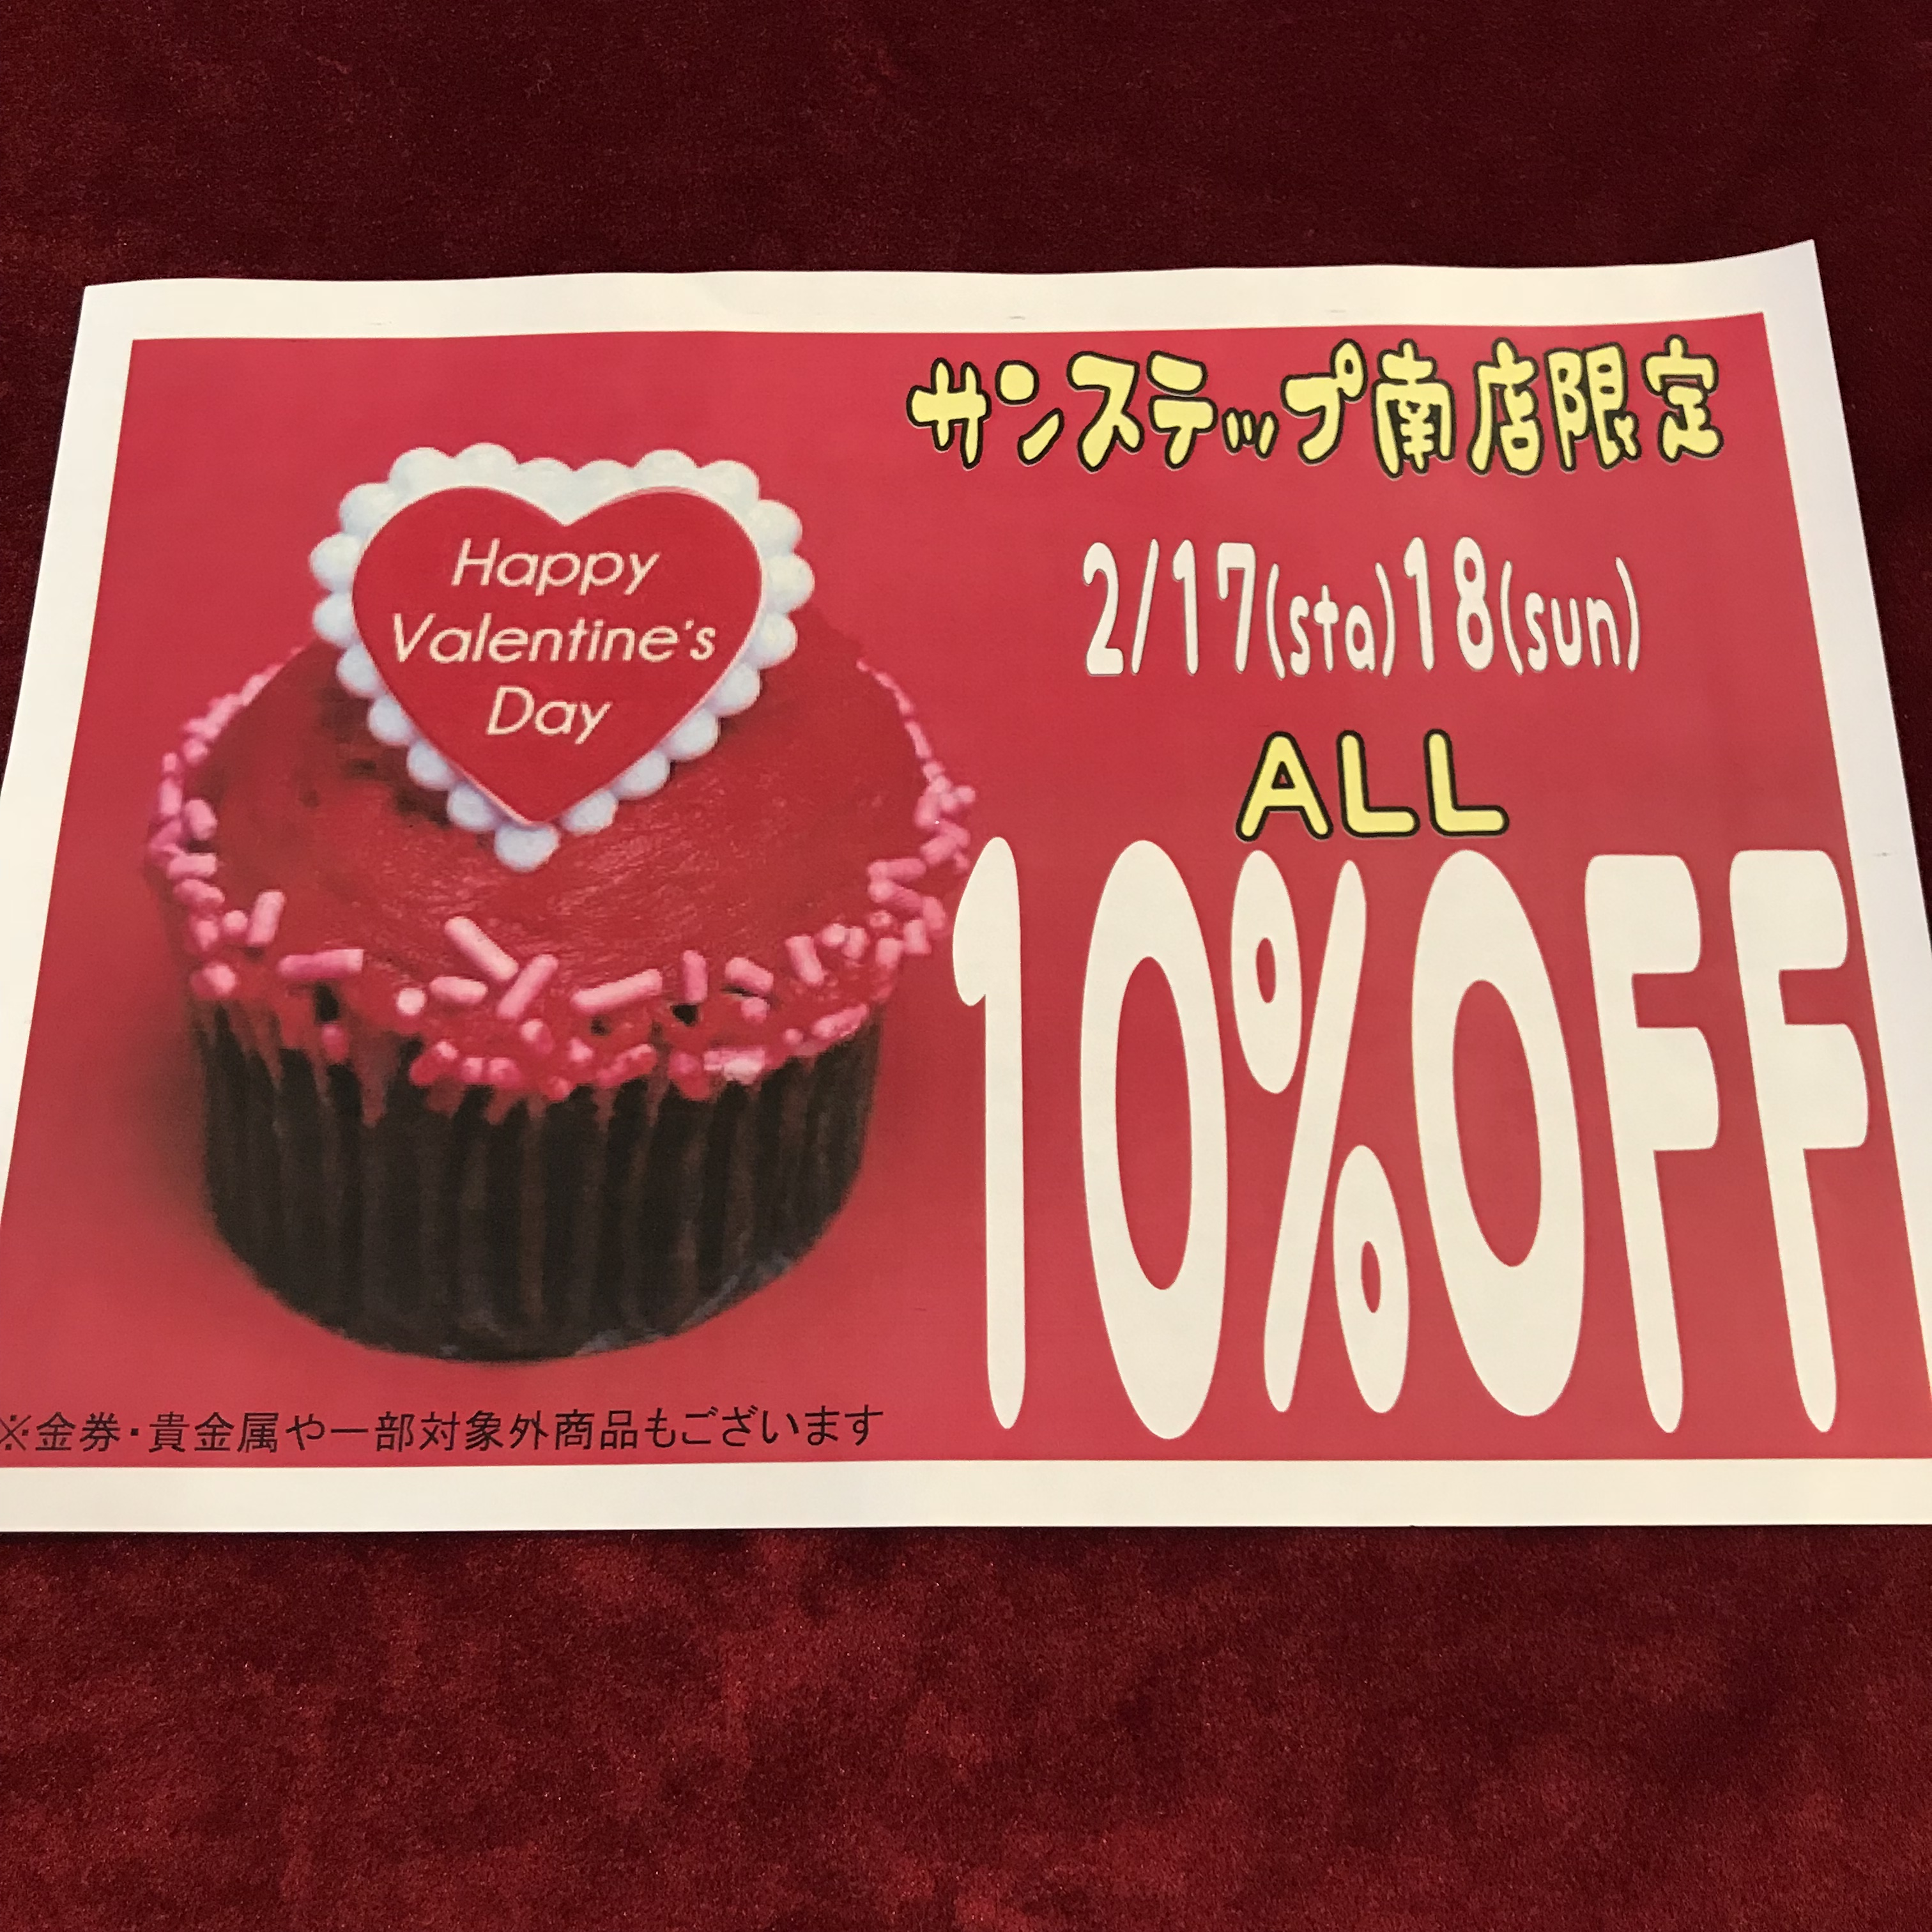 ♡明日からバレンタインイベント♡ サンステップ南店 古着 リサイクル 福井 春物買取中